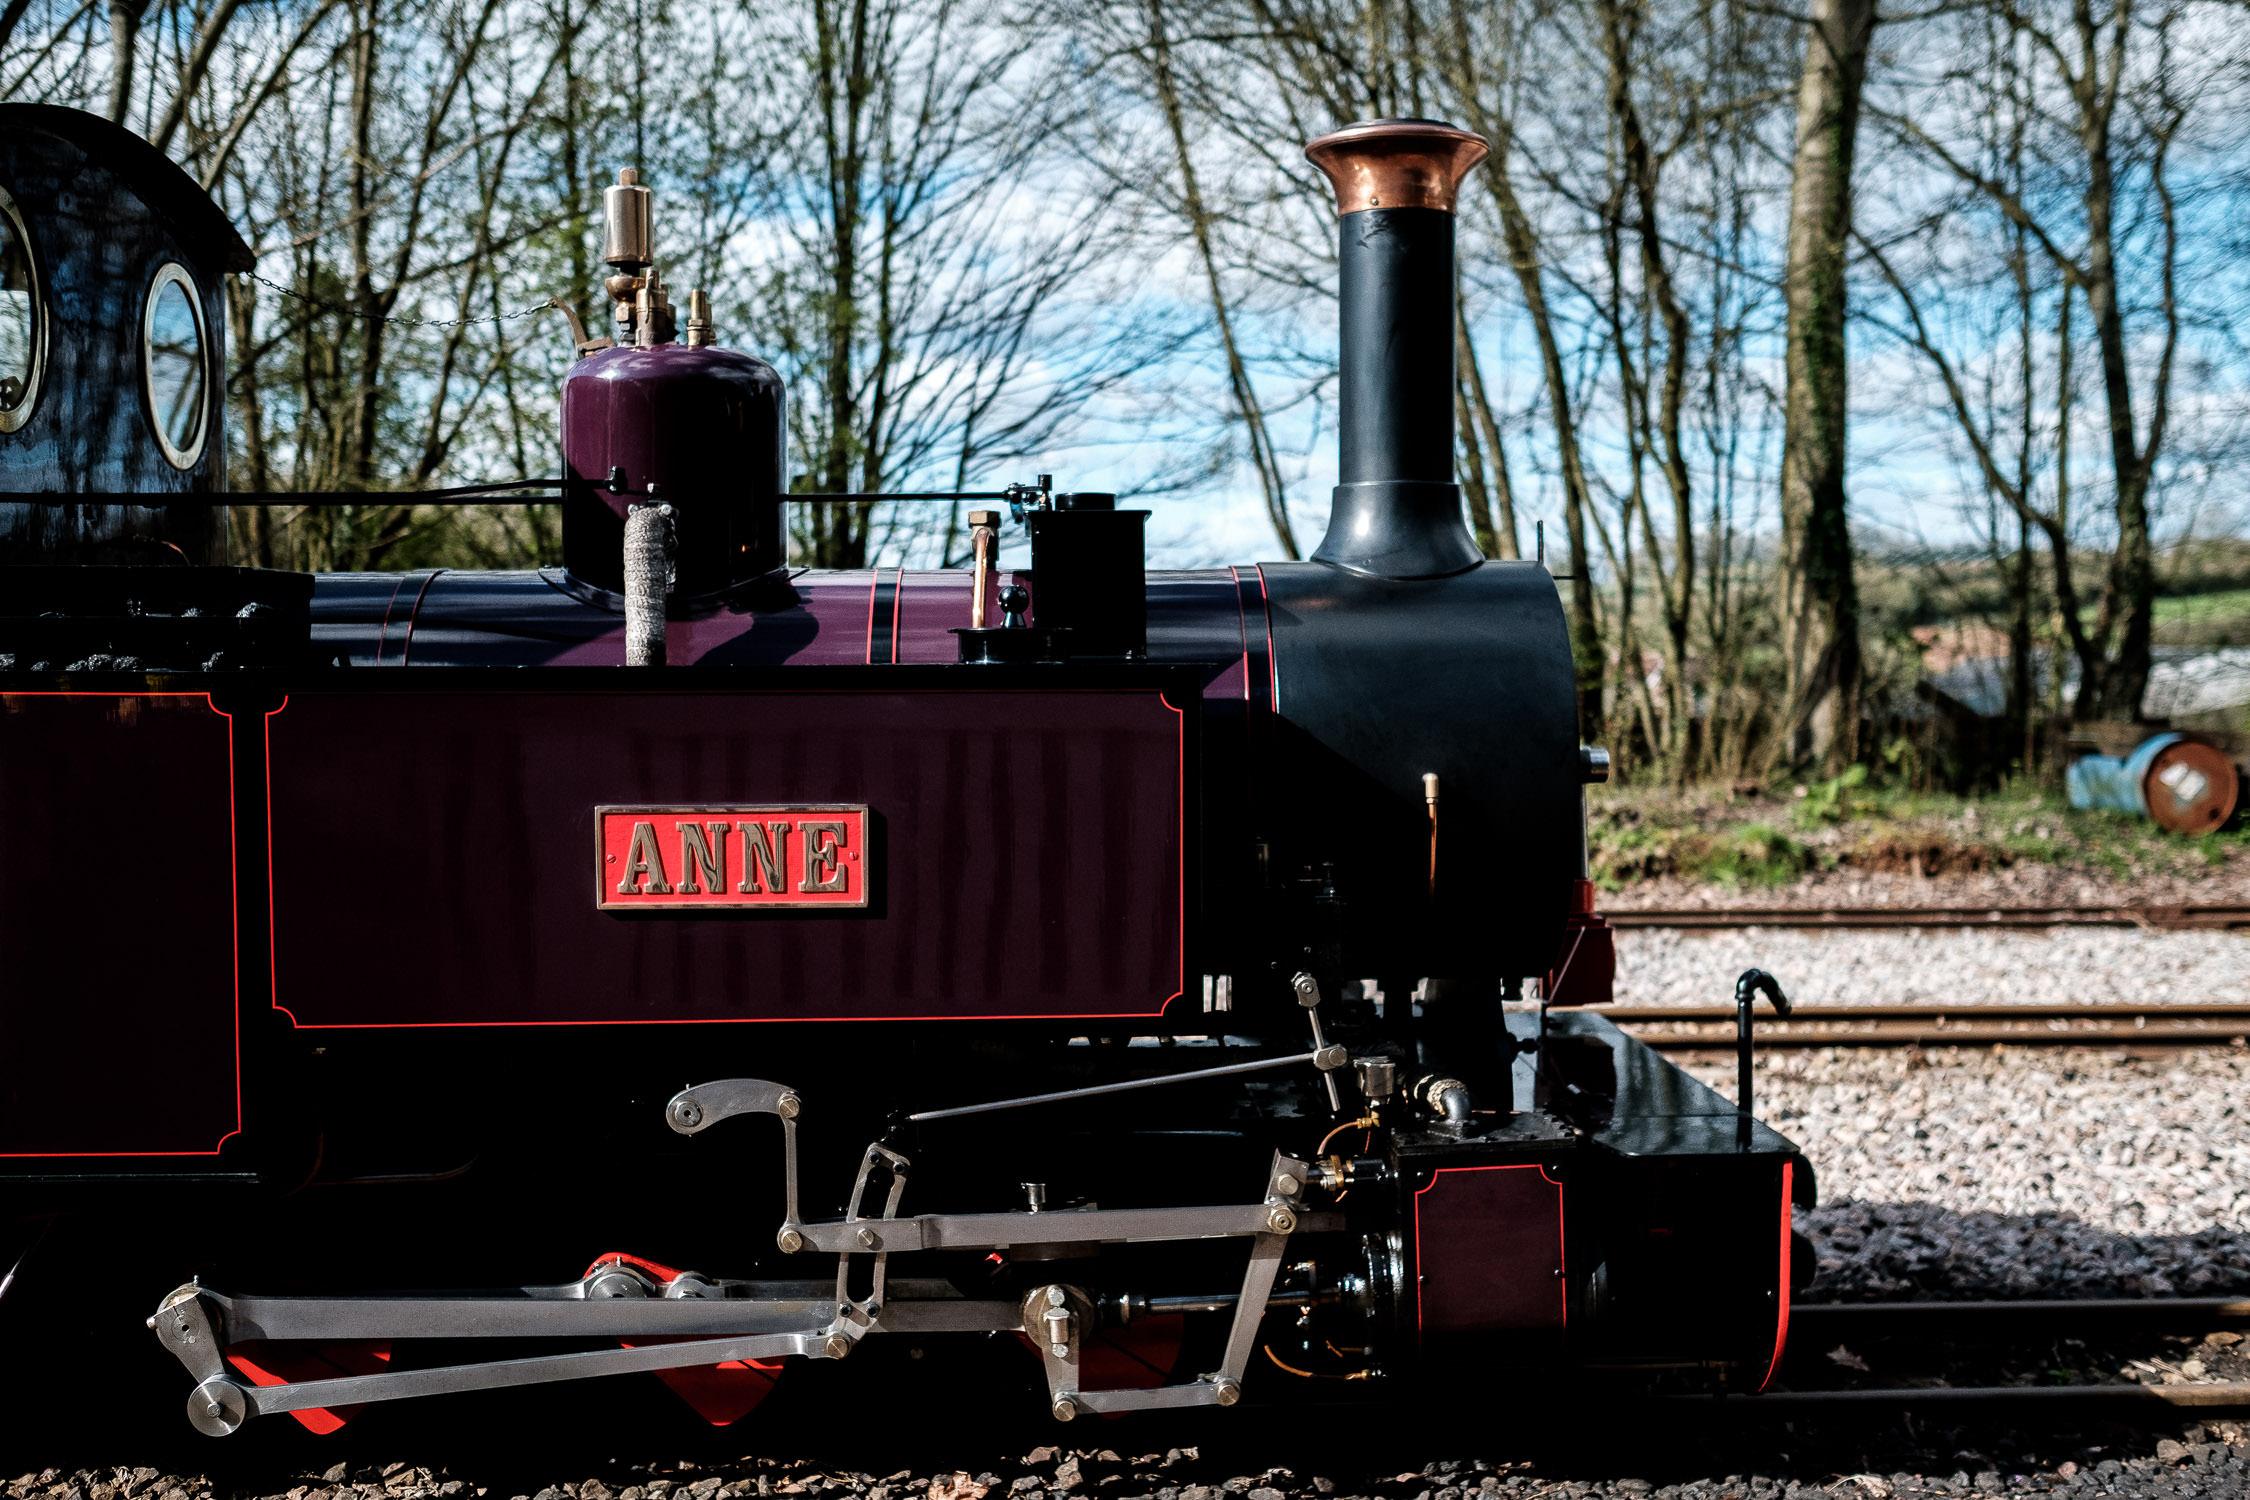 perrygrove railway steam train